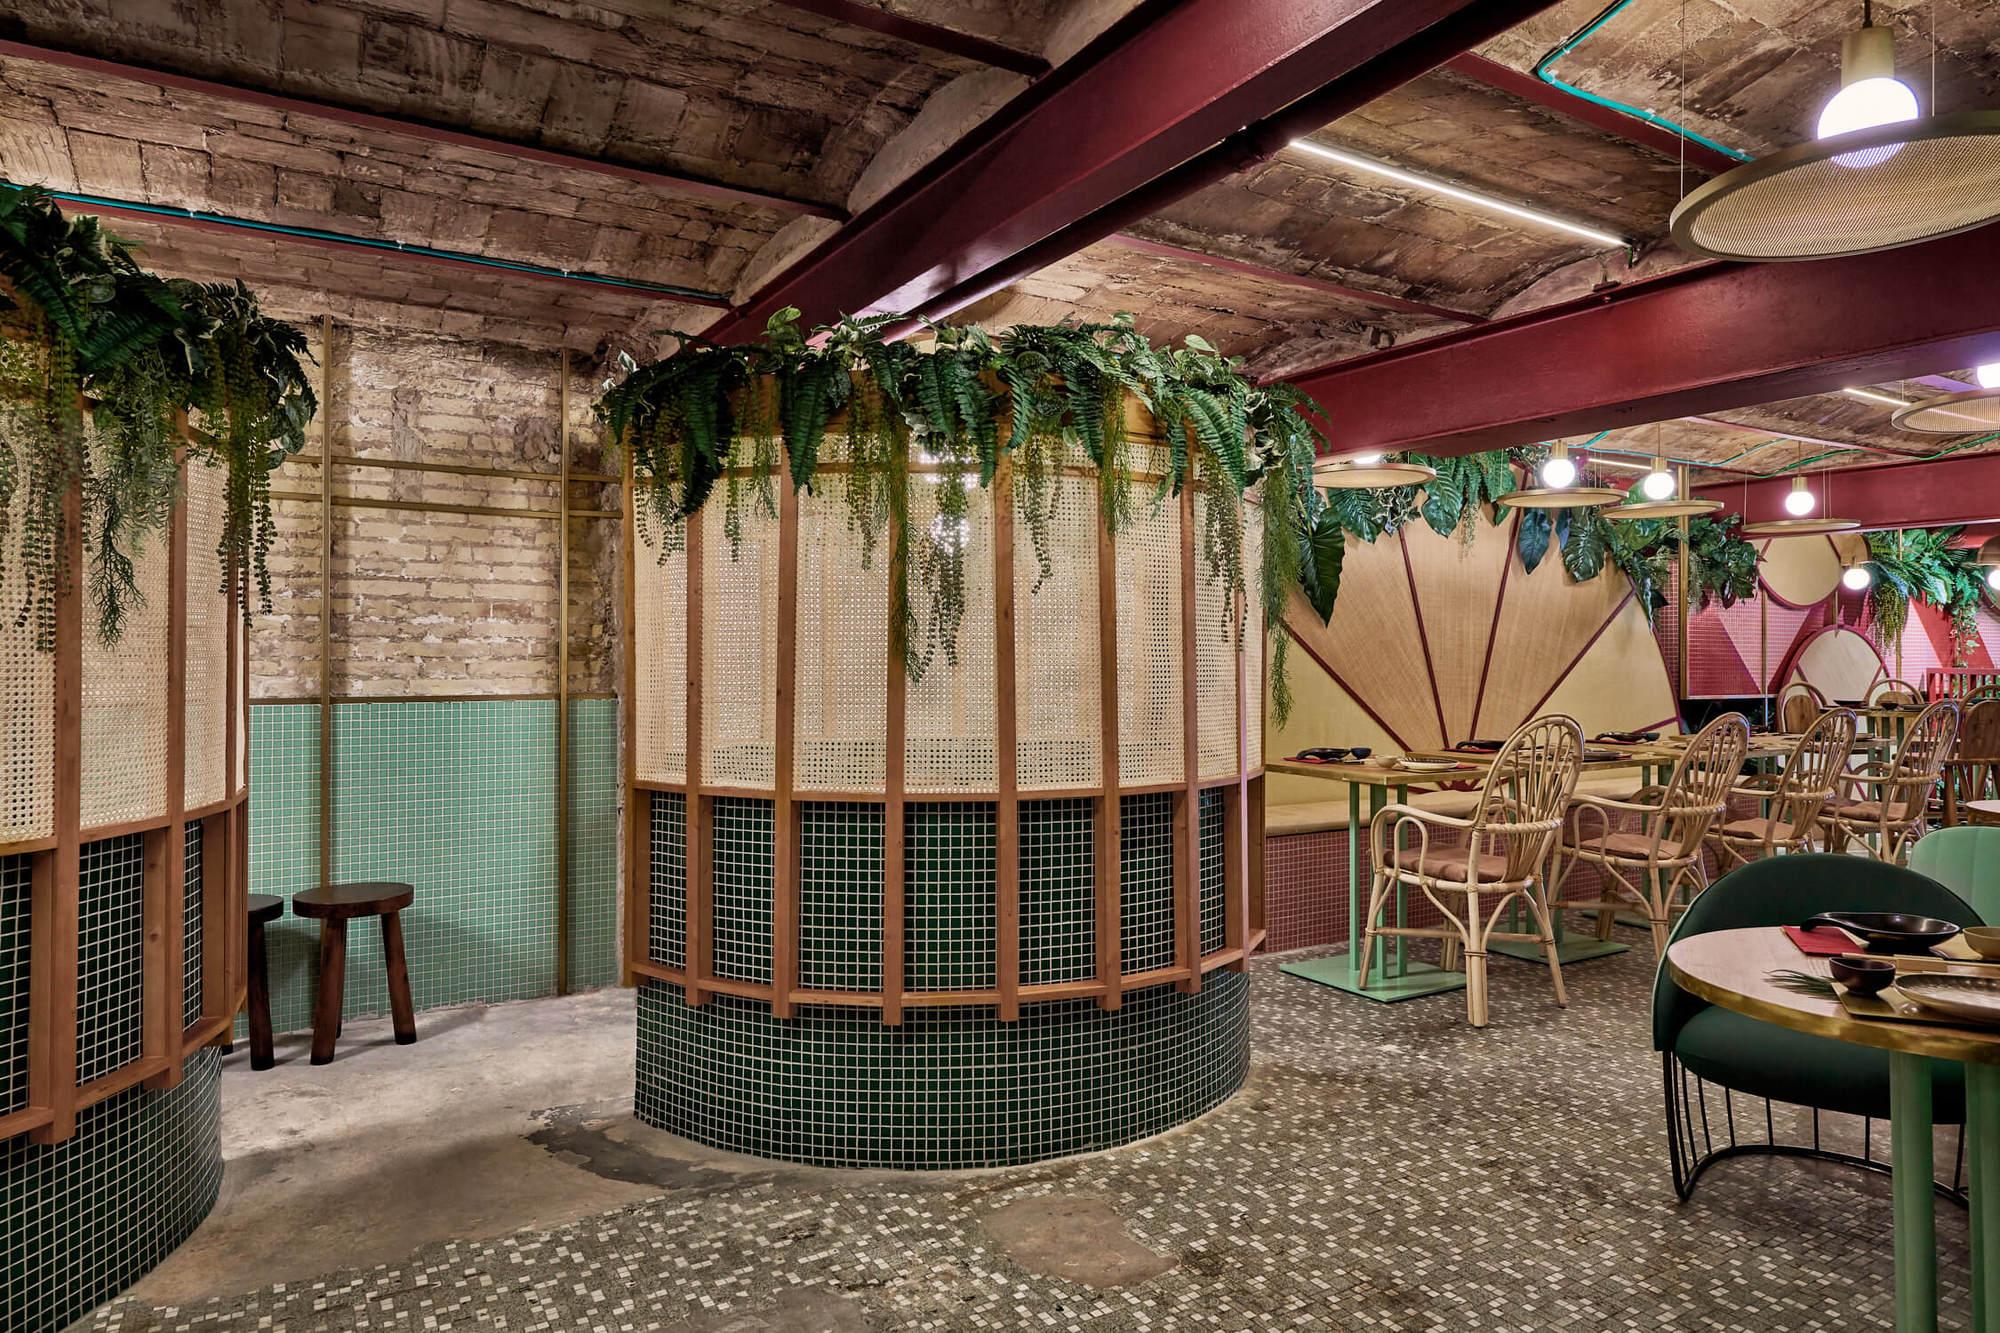 Eclectic Trends | A Nippo Brazilian Restaurant by Masquespacio in Valencia